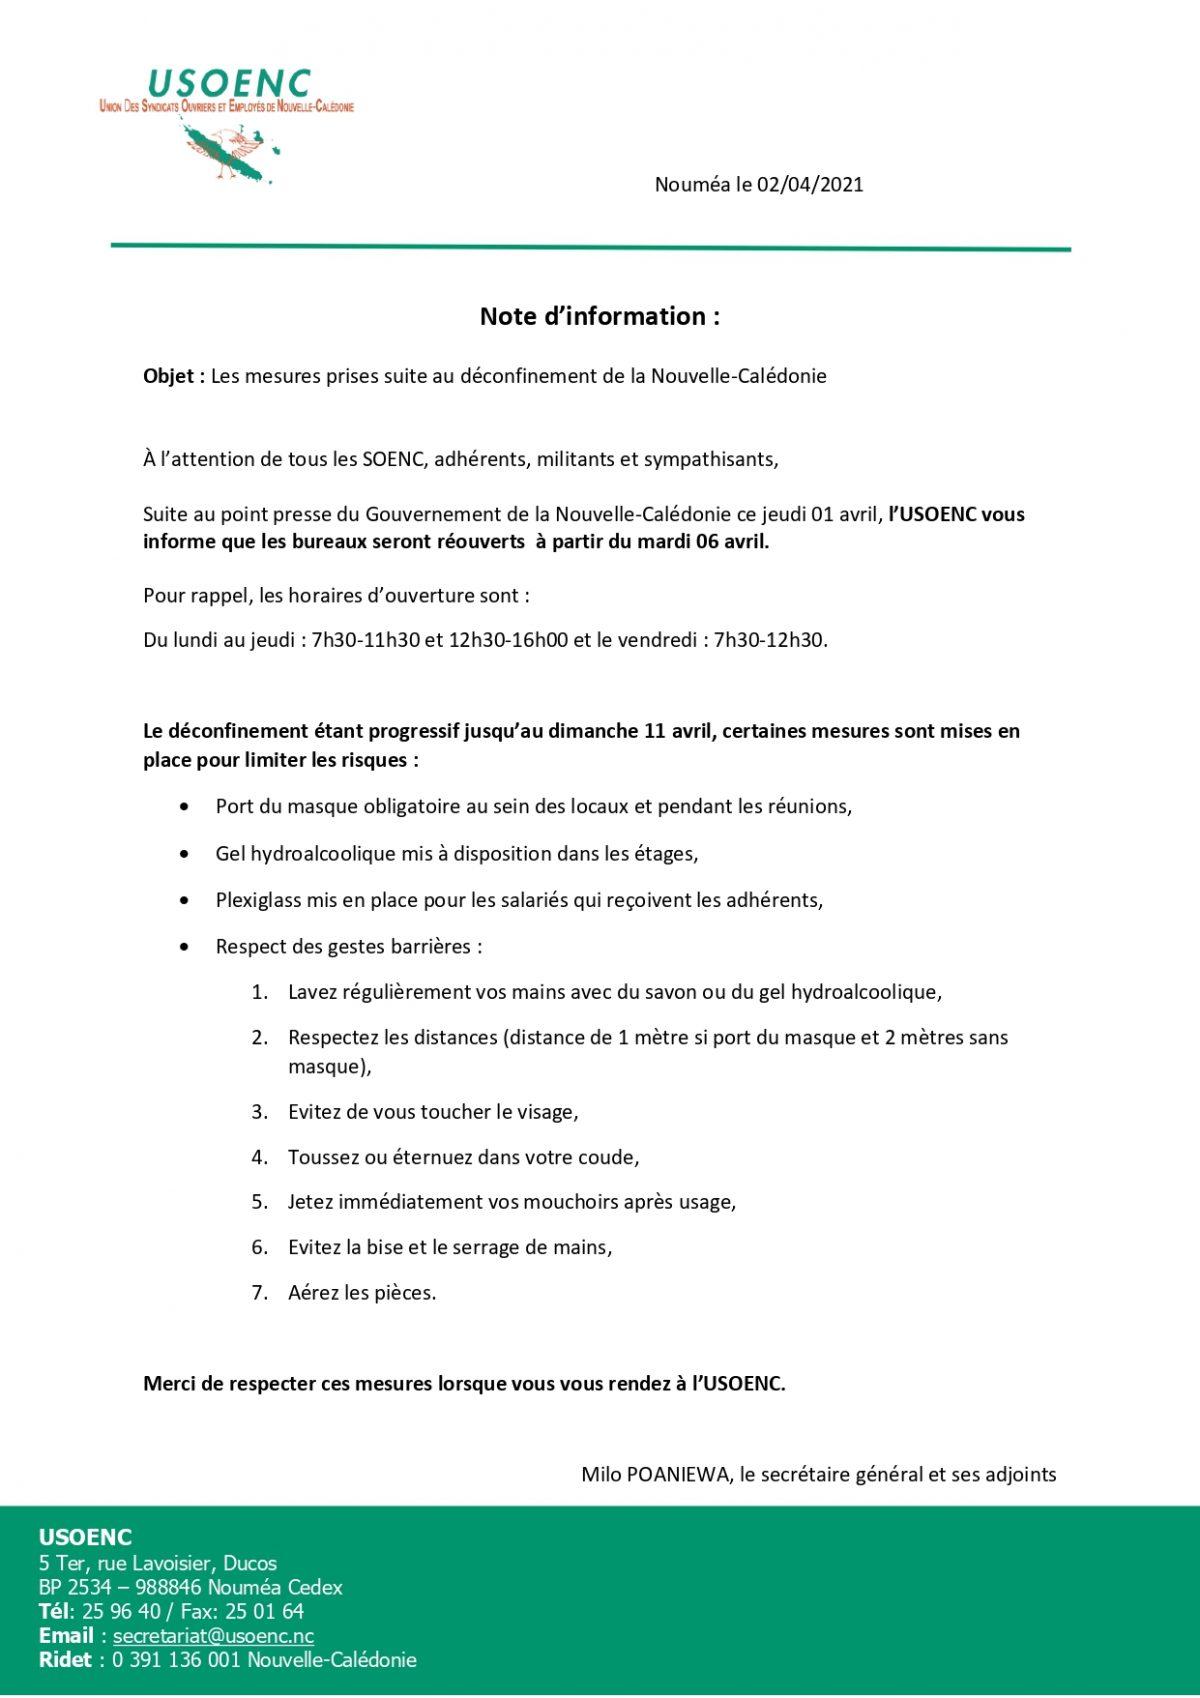 NOTE D'INFORMATION : Les mesures prises suite au déconfinement pour la réouverture de l'USOENC